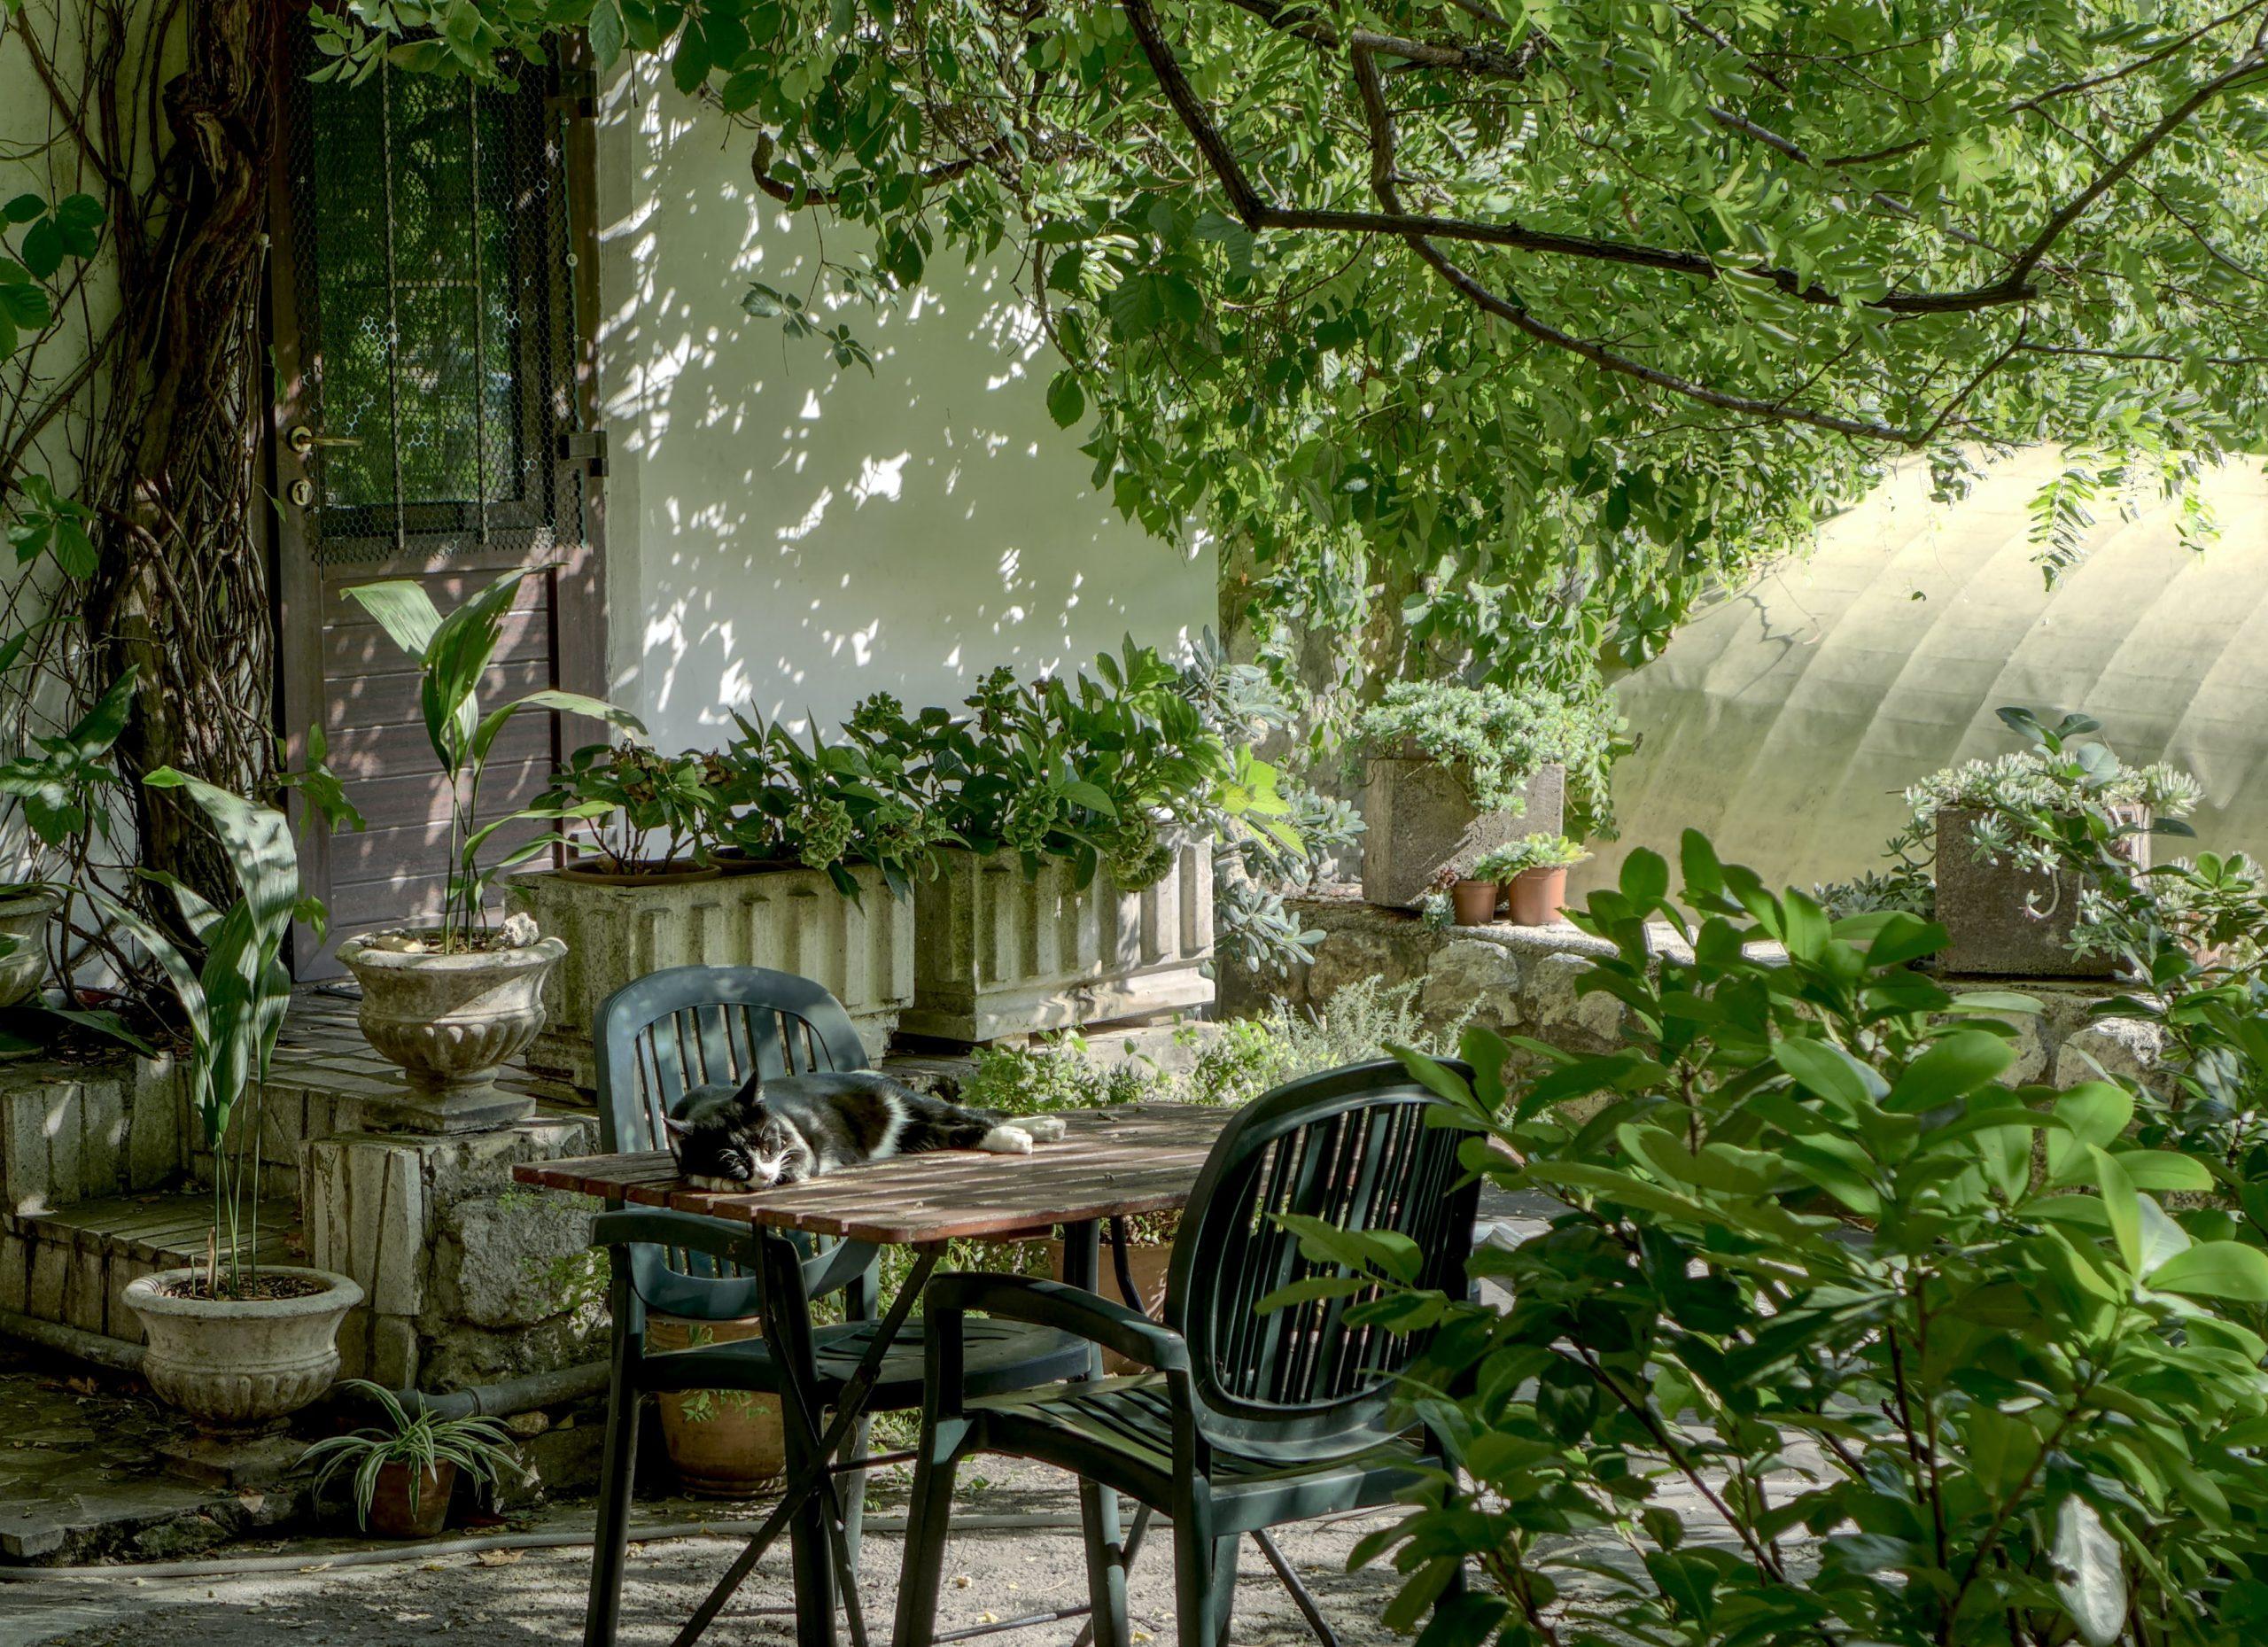 Brug sommerferien på at få styr på hus og have